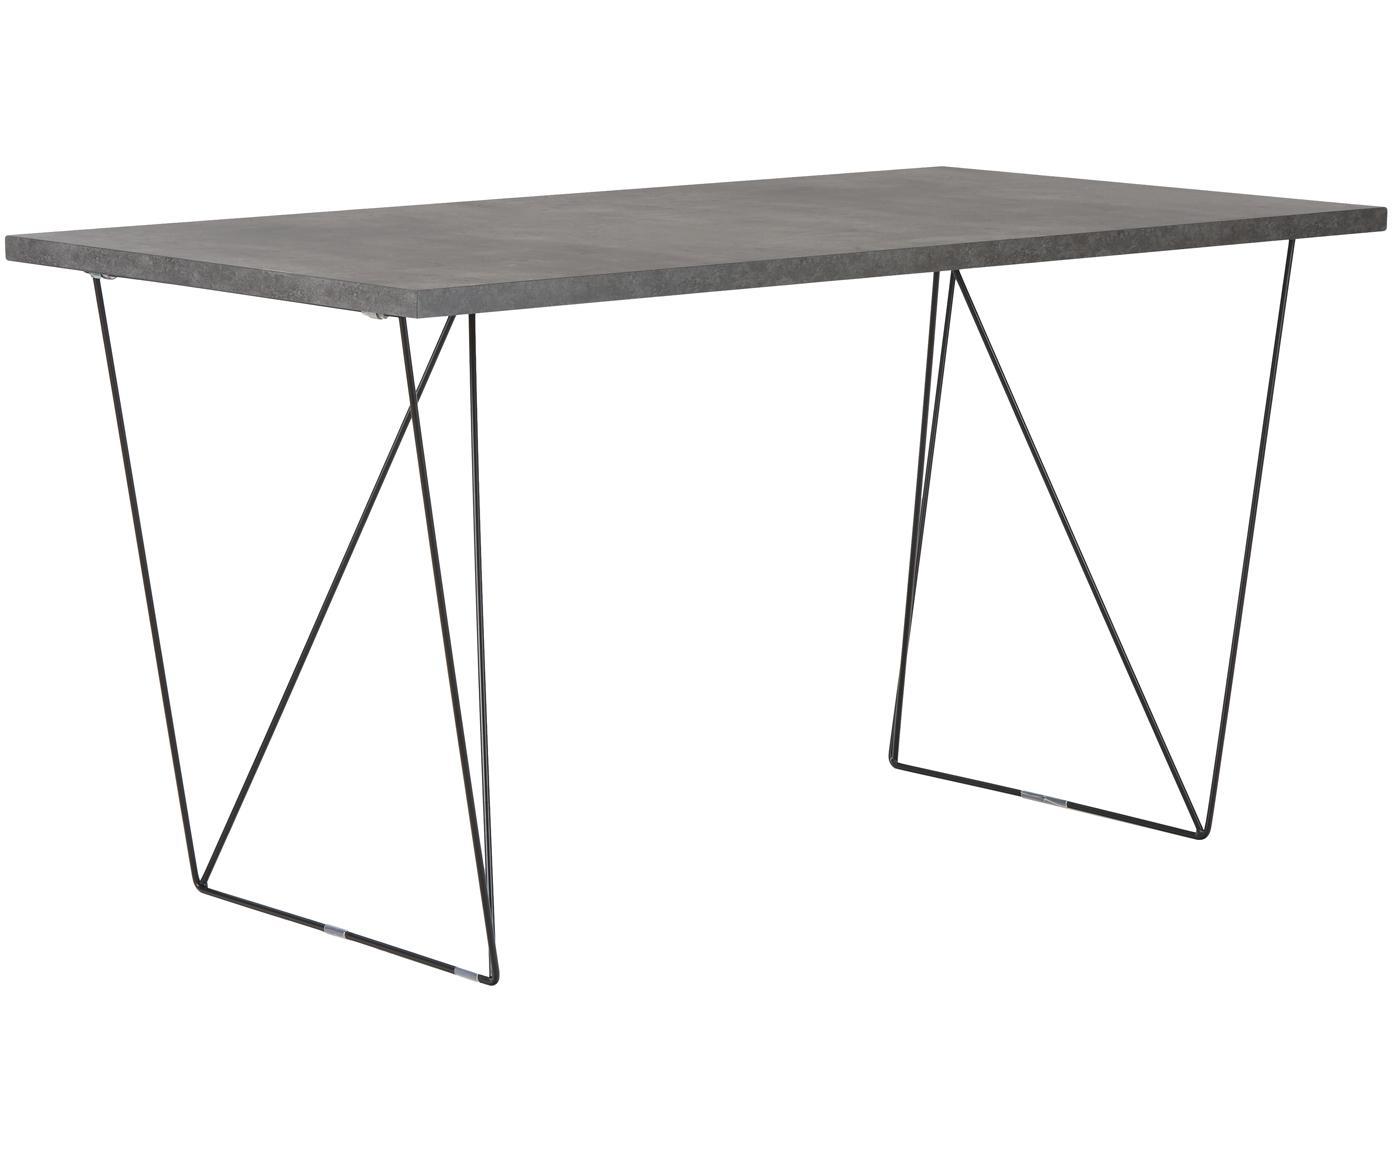 Schreibtisch Max mit Trestle Beinen, Tischplatte: Spanplatte in Leichtbau-W, Beine: Metall, lackiert, Grau, B 140 x T 75 cm